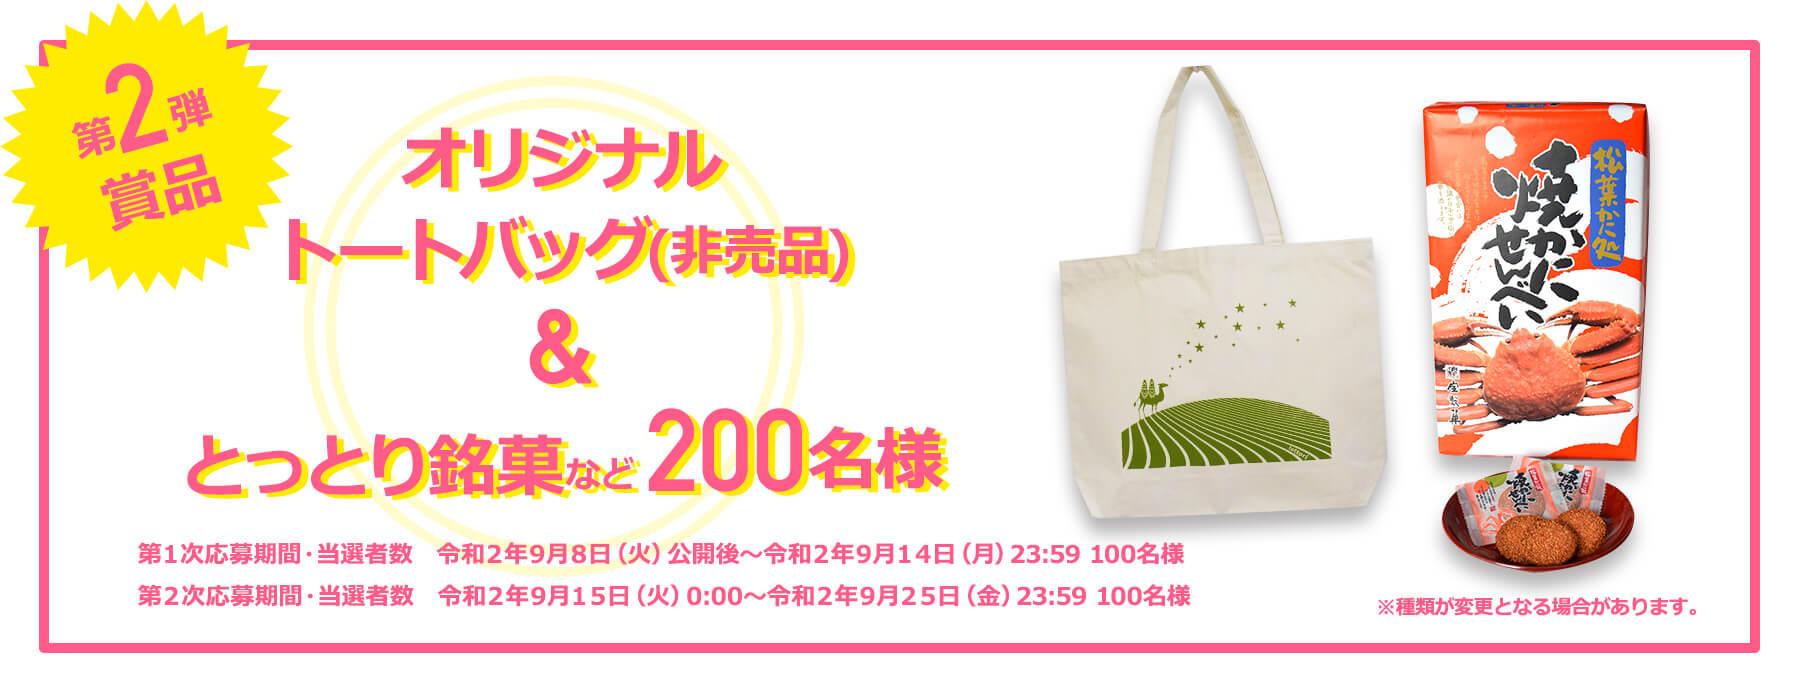 オリジナルトートバッグ と 鳥取銘菓